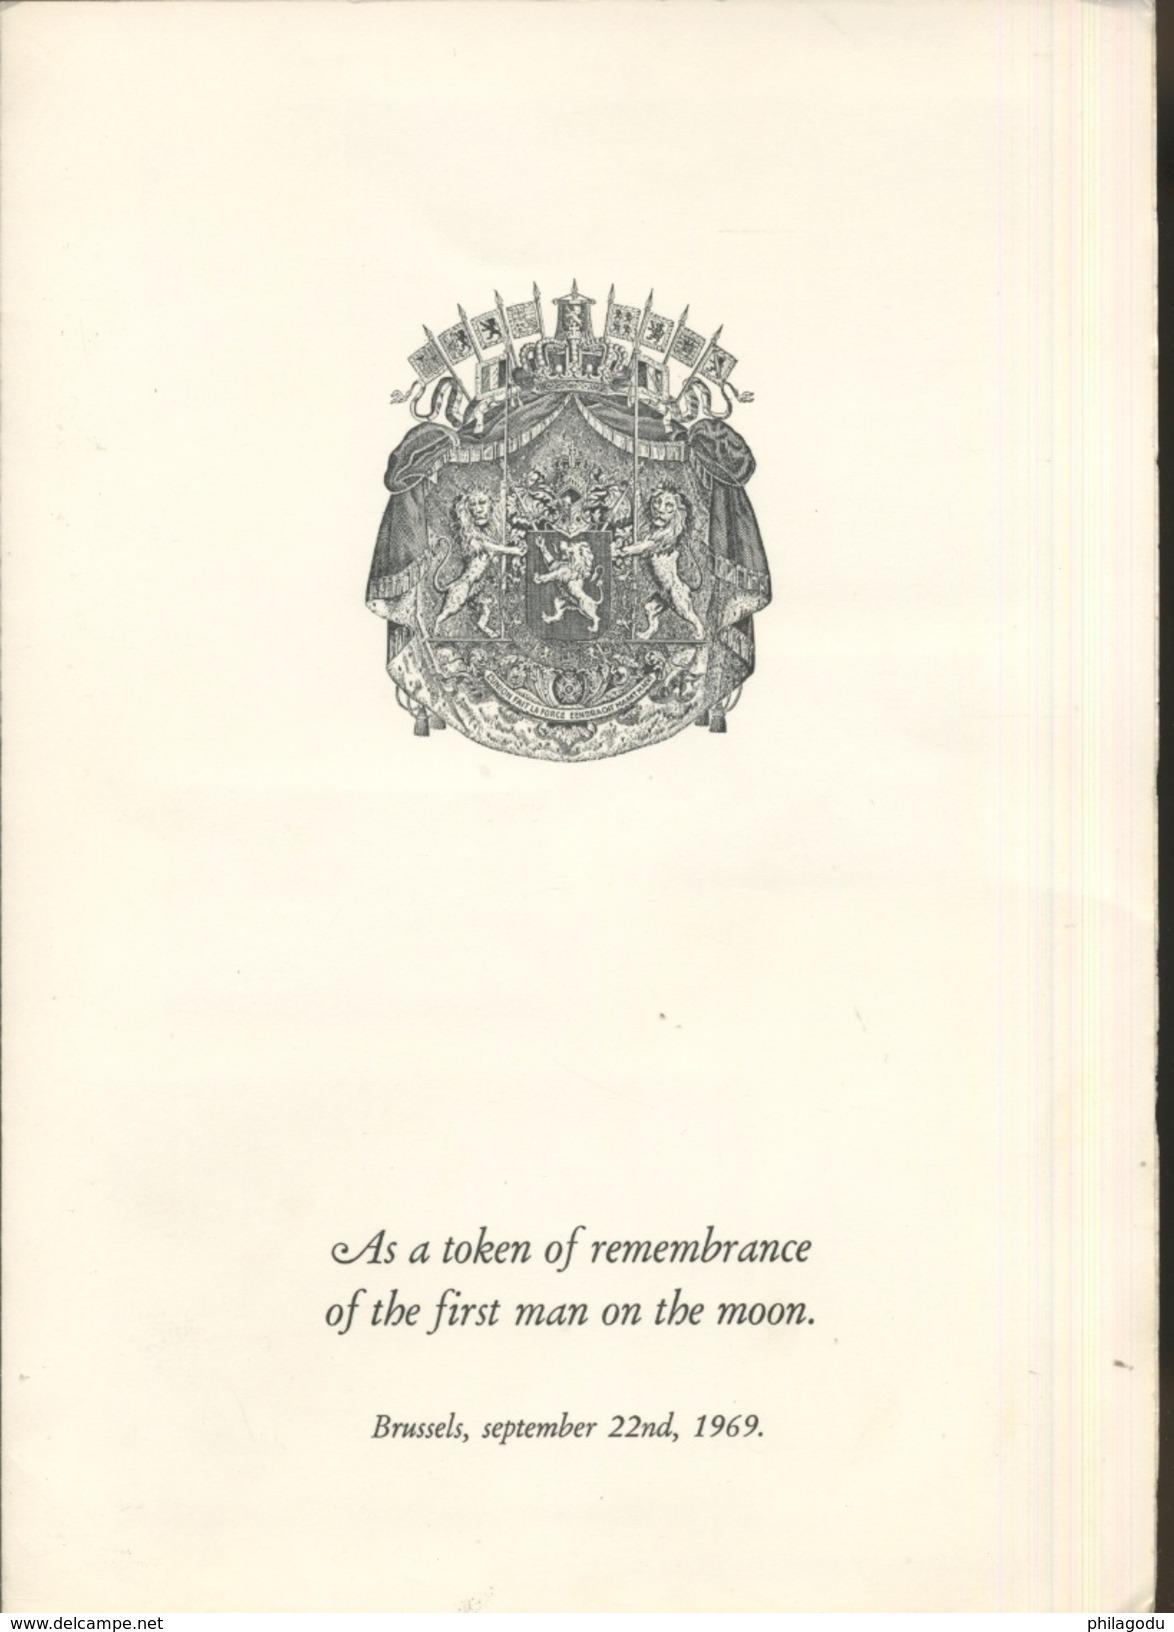 1969 Souvenir Ministériel Remis à Ceux Qui étaient Invités Au Banquet Où Les Astronautes Furent Présents - Non Dentelés